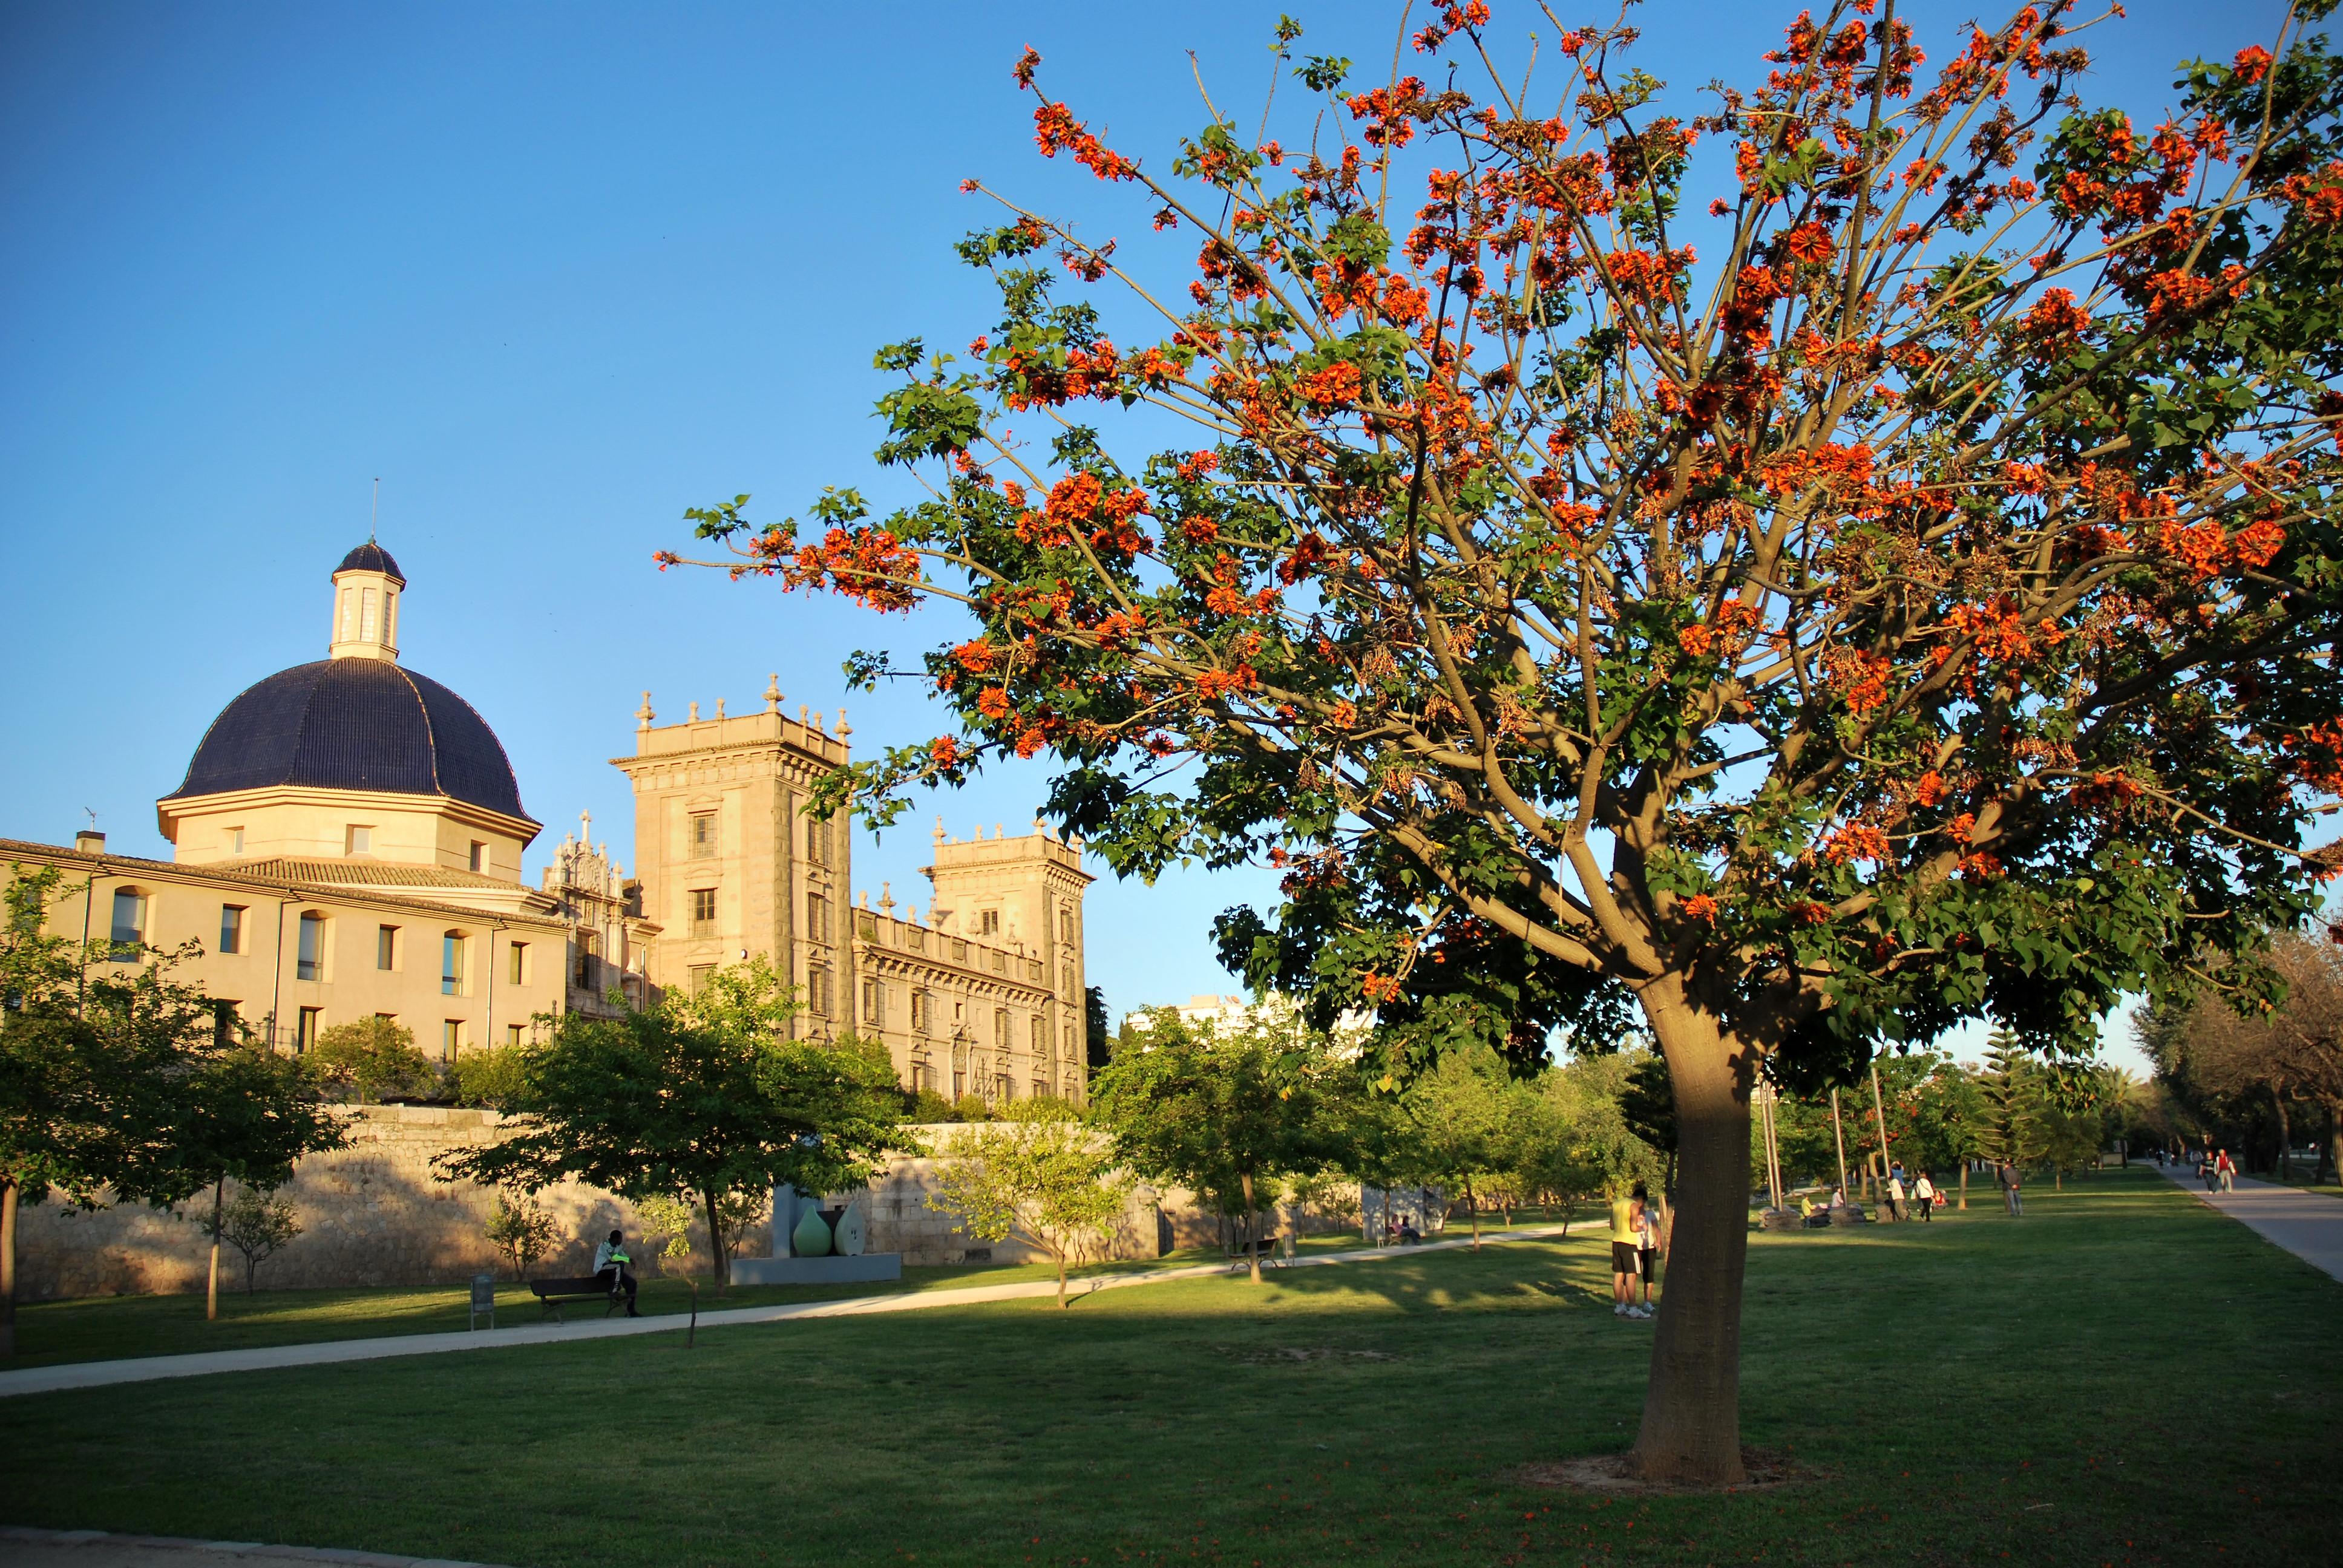 Valencija pomladi 2012 - Jardines valencia ...